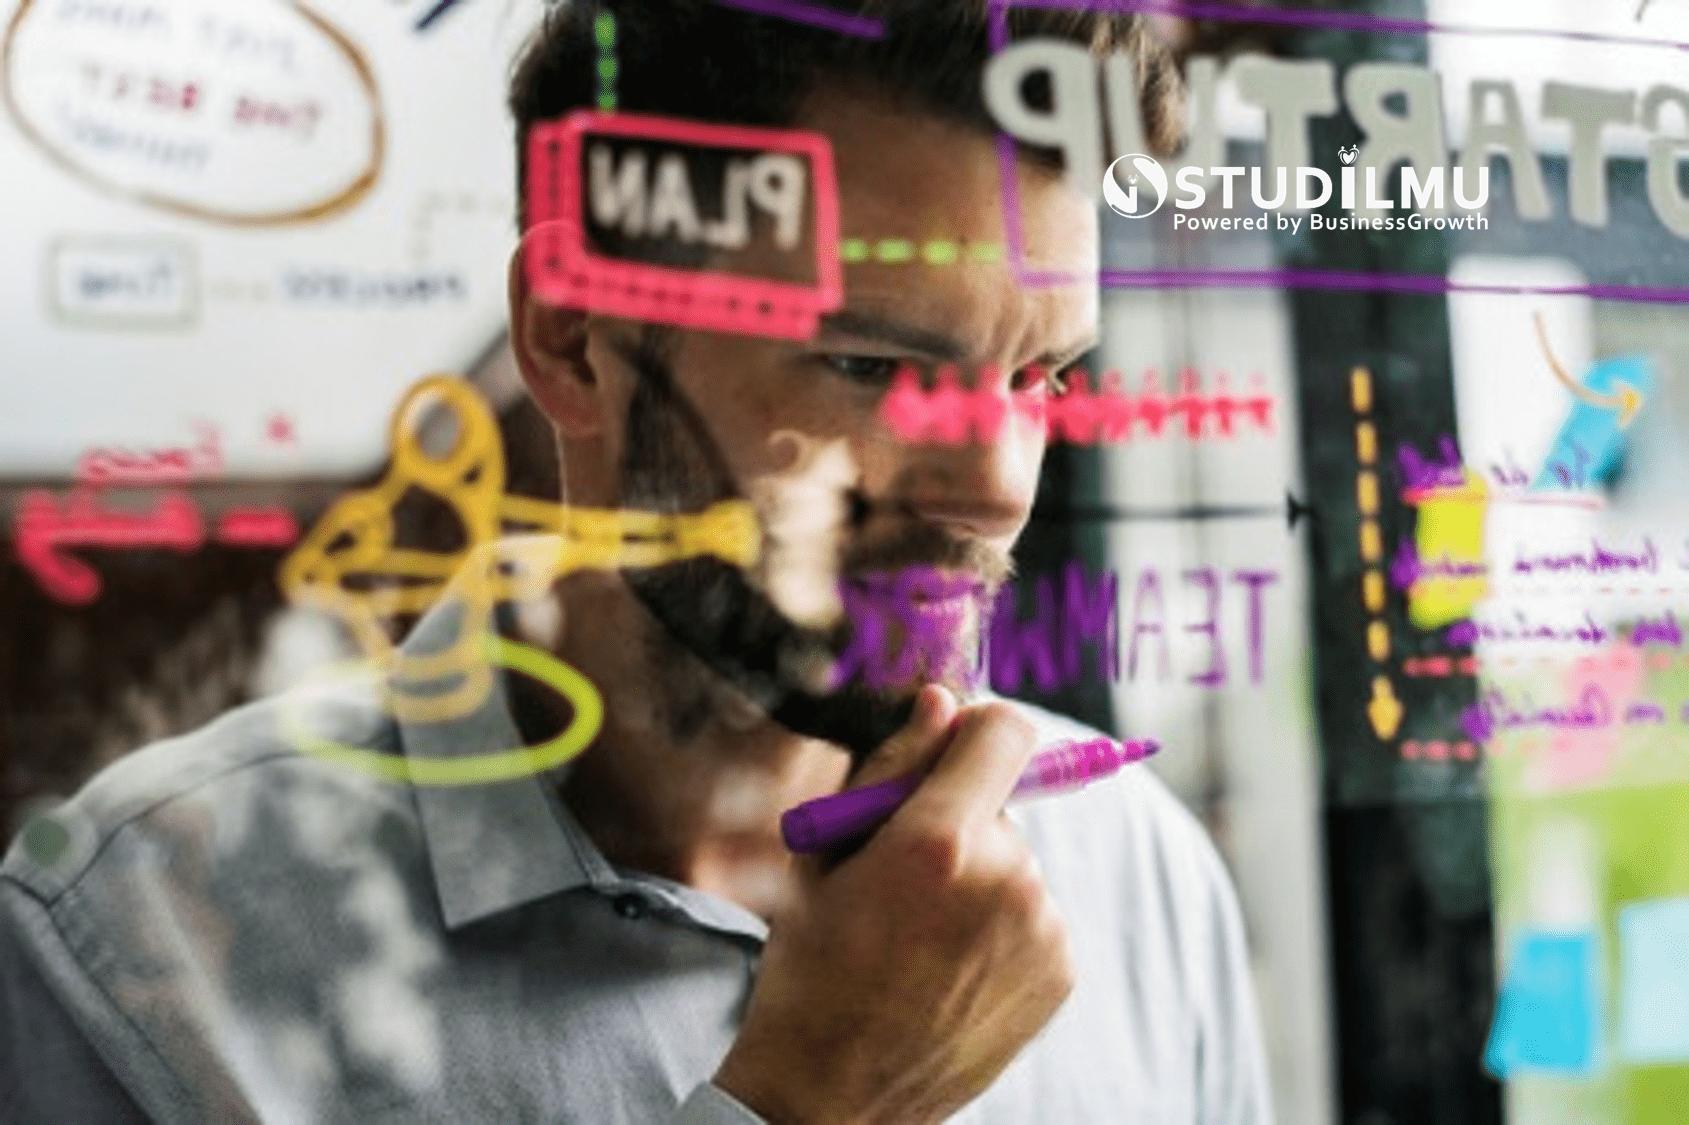 STUDILMU Career Advice - 7 Cara Mendapatkan Investor untuk Bisnis Startup